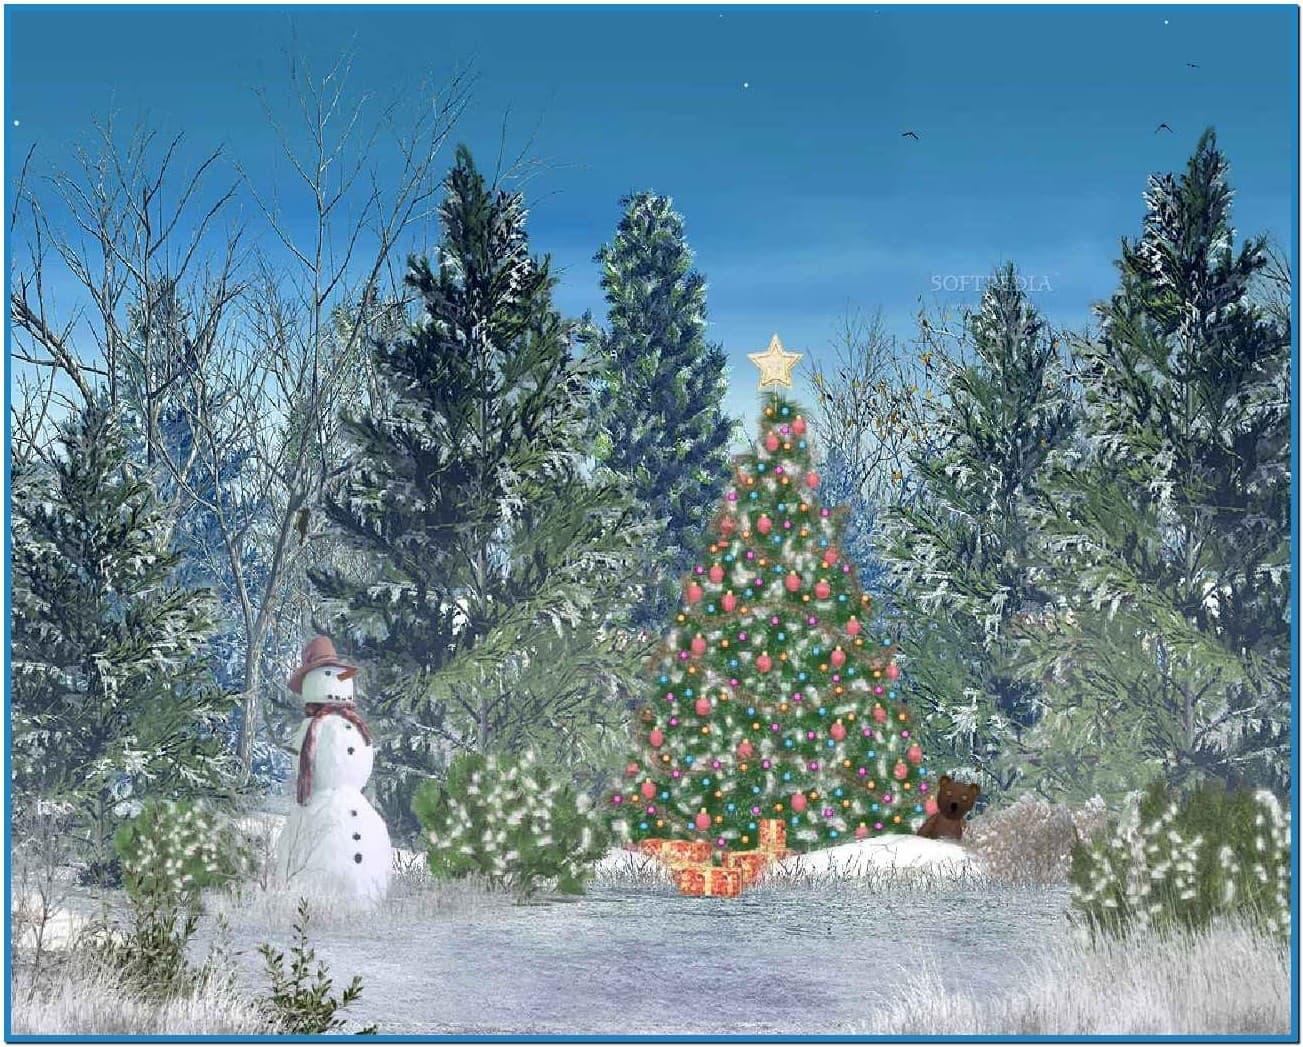 Christmas screensavers animated screensaver   Download 1303x1047